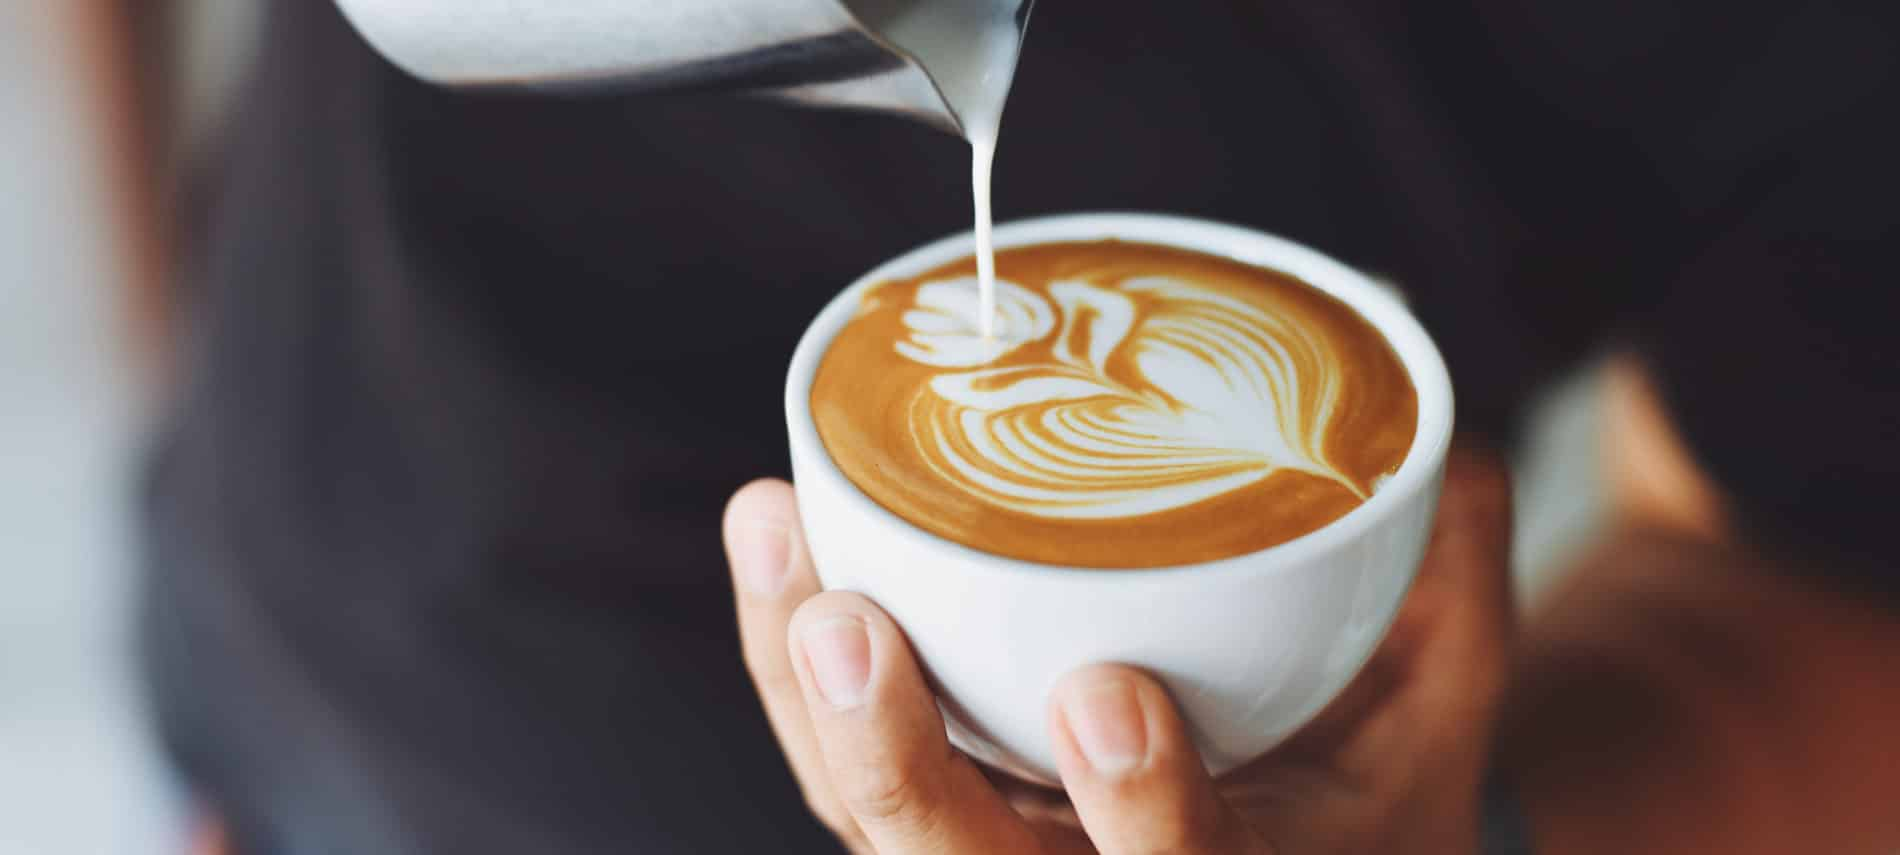 Person pouring milk into a cappuccino